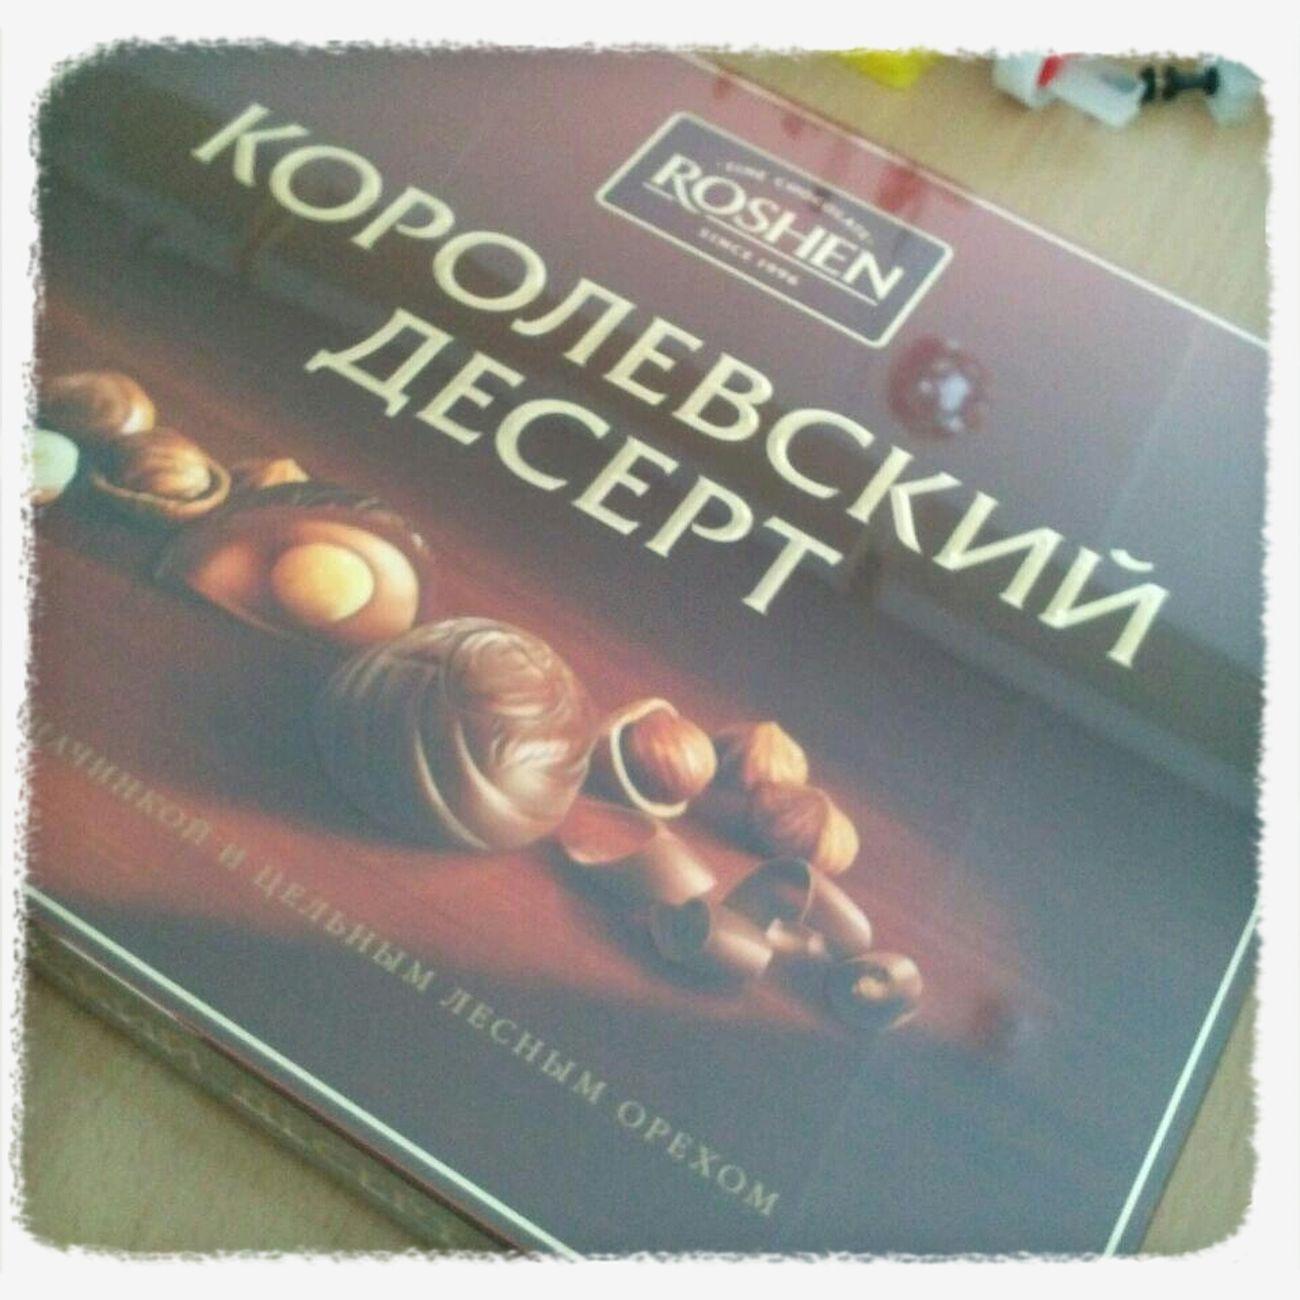 Внезапно принесли коробку конфет! Не знаю за что даже… что я пропустил?